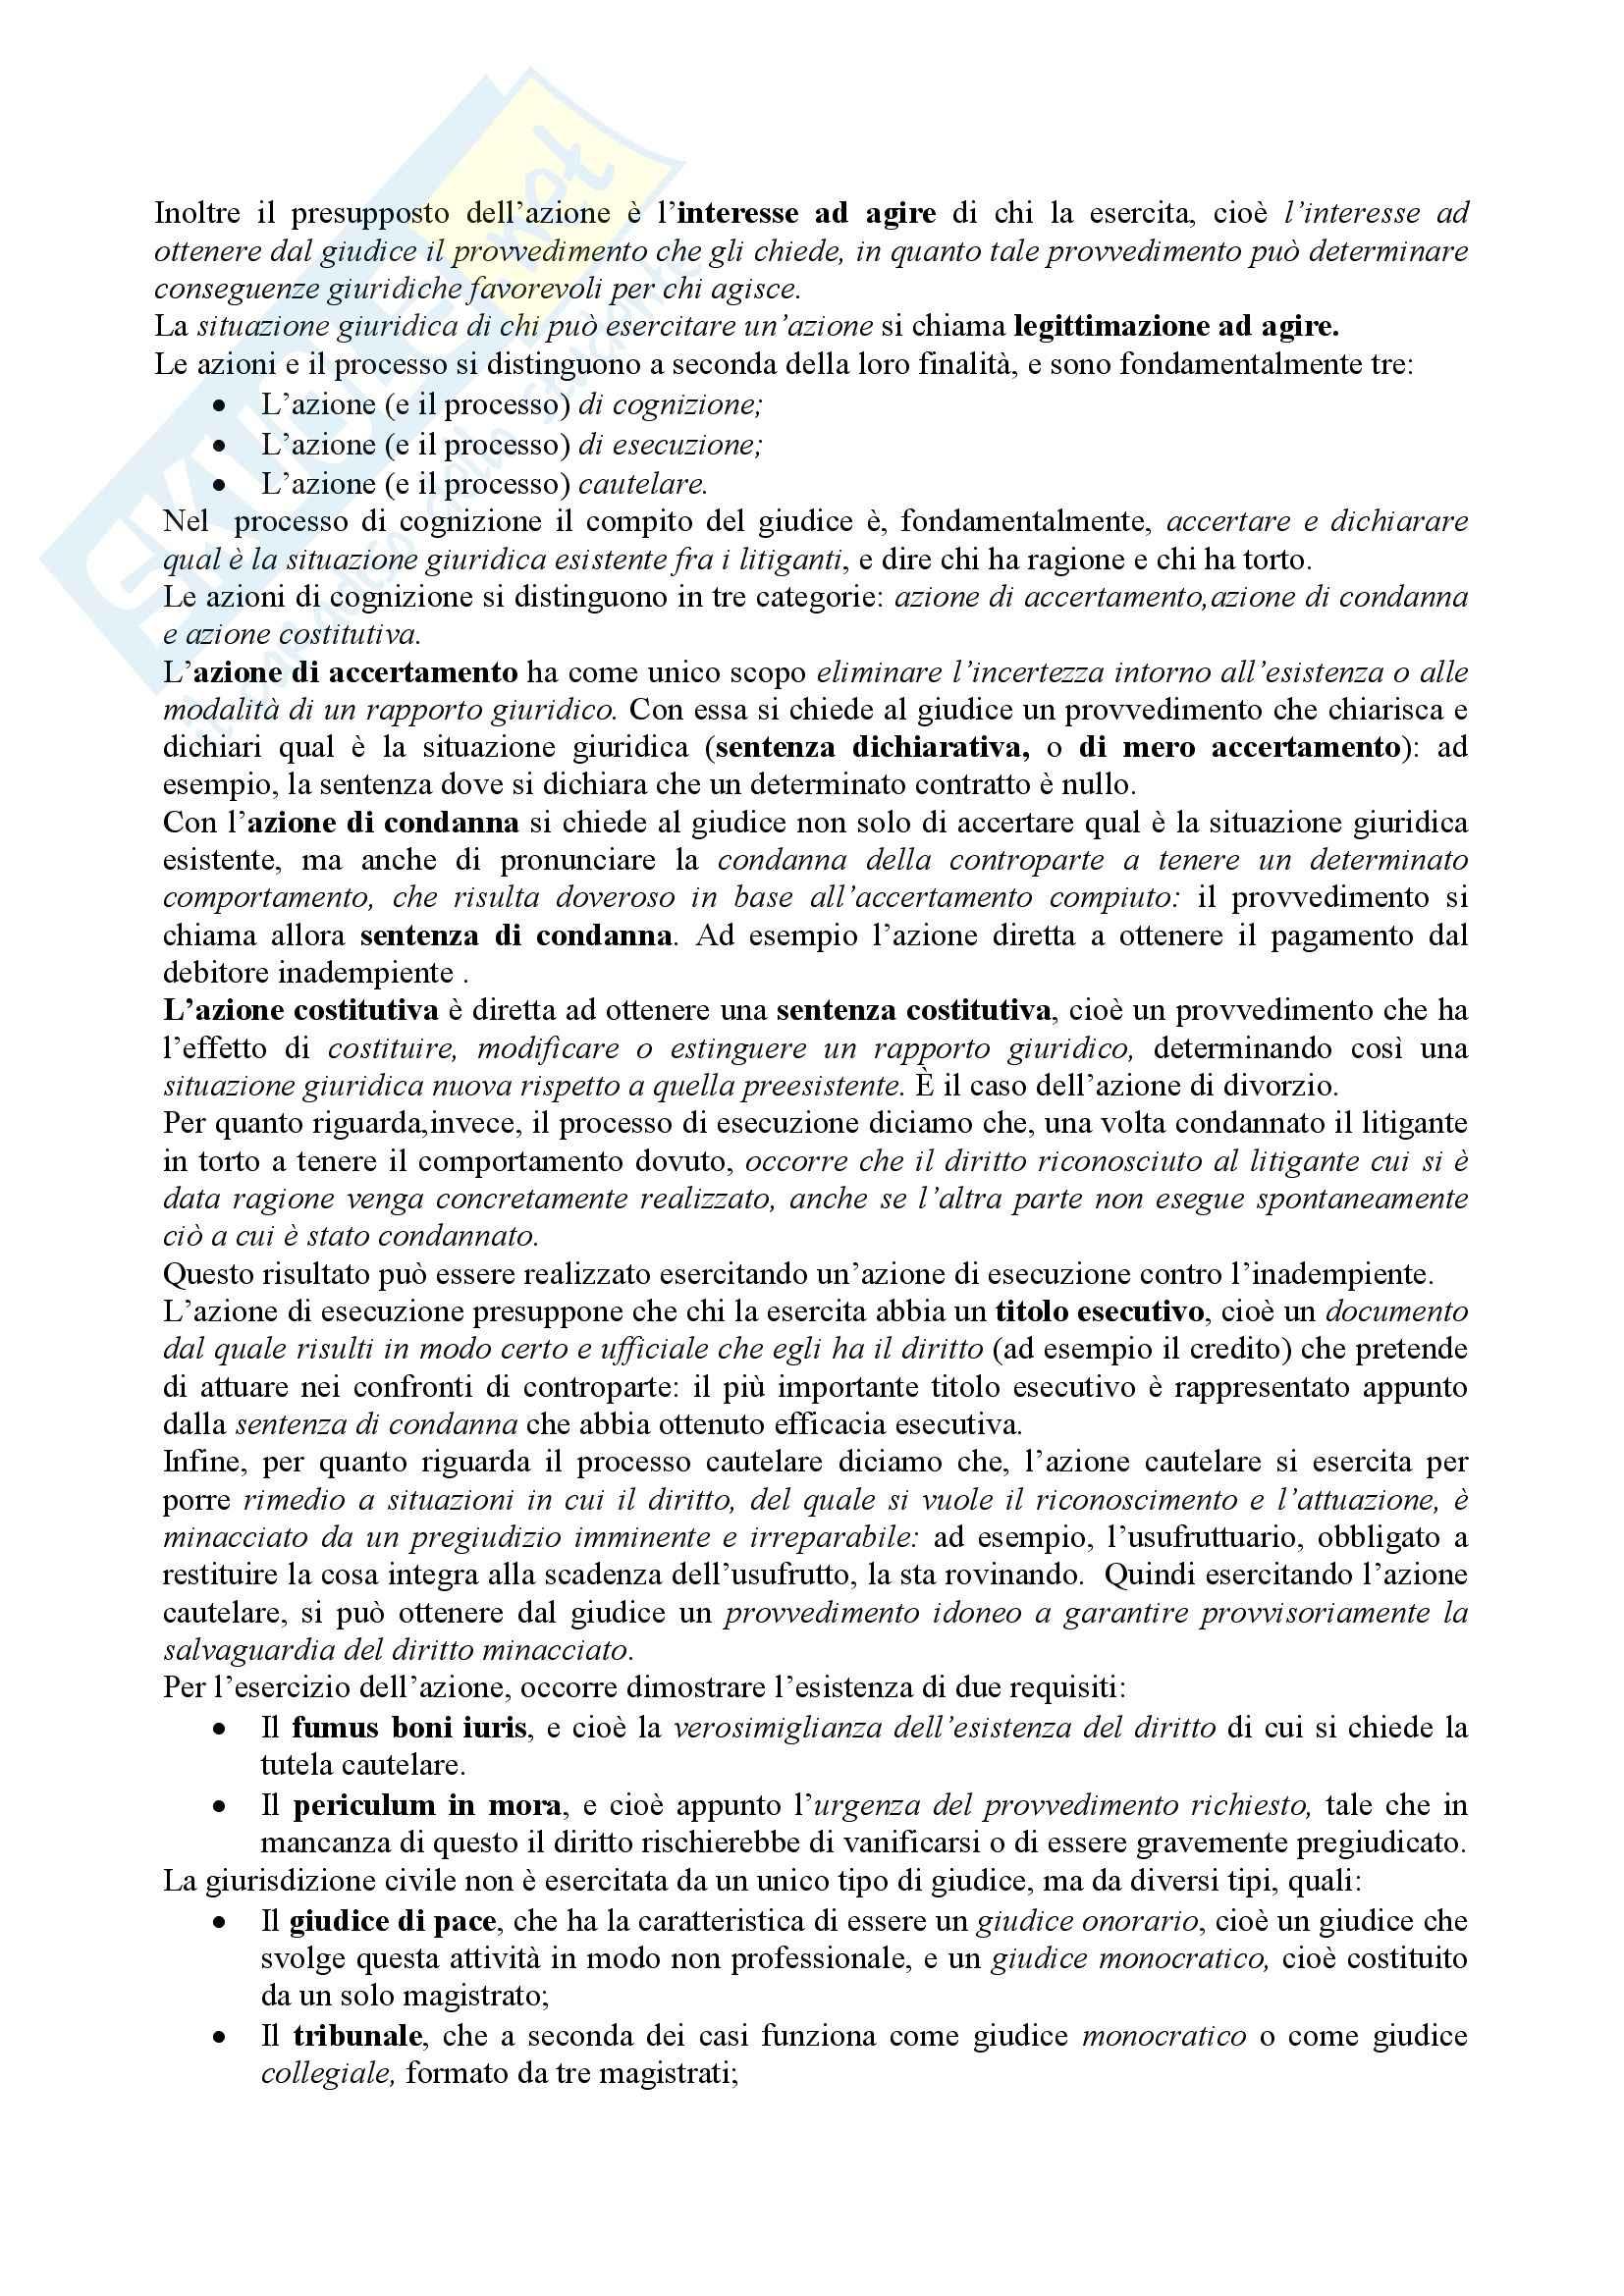 Situazioni giuridiche, Roppo Pag. 21